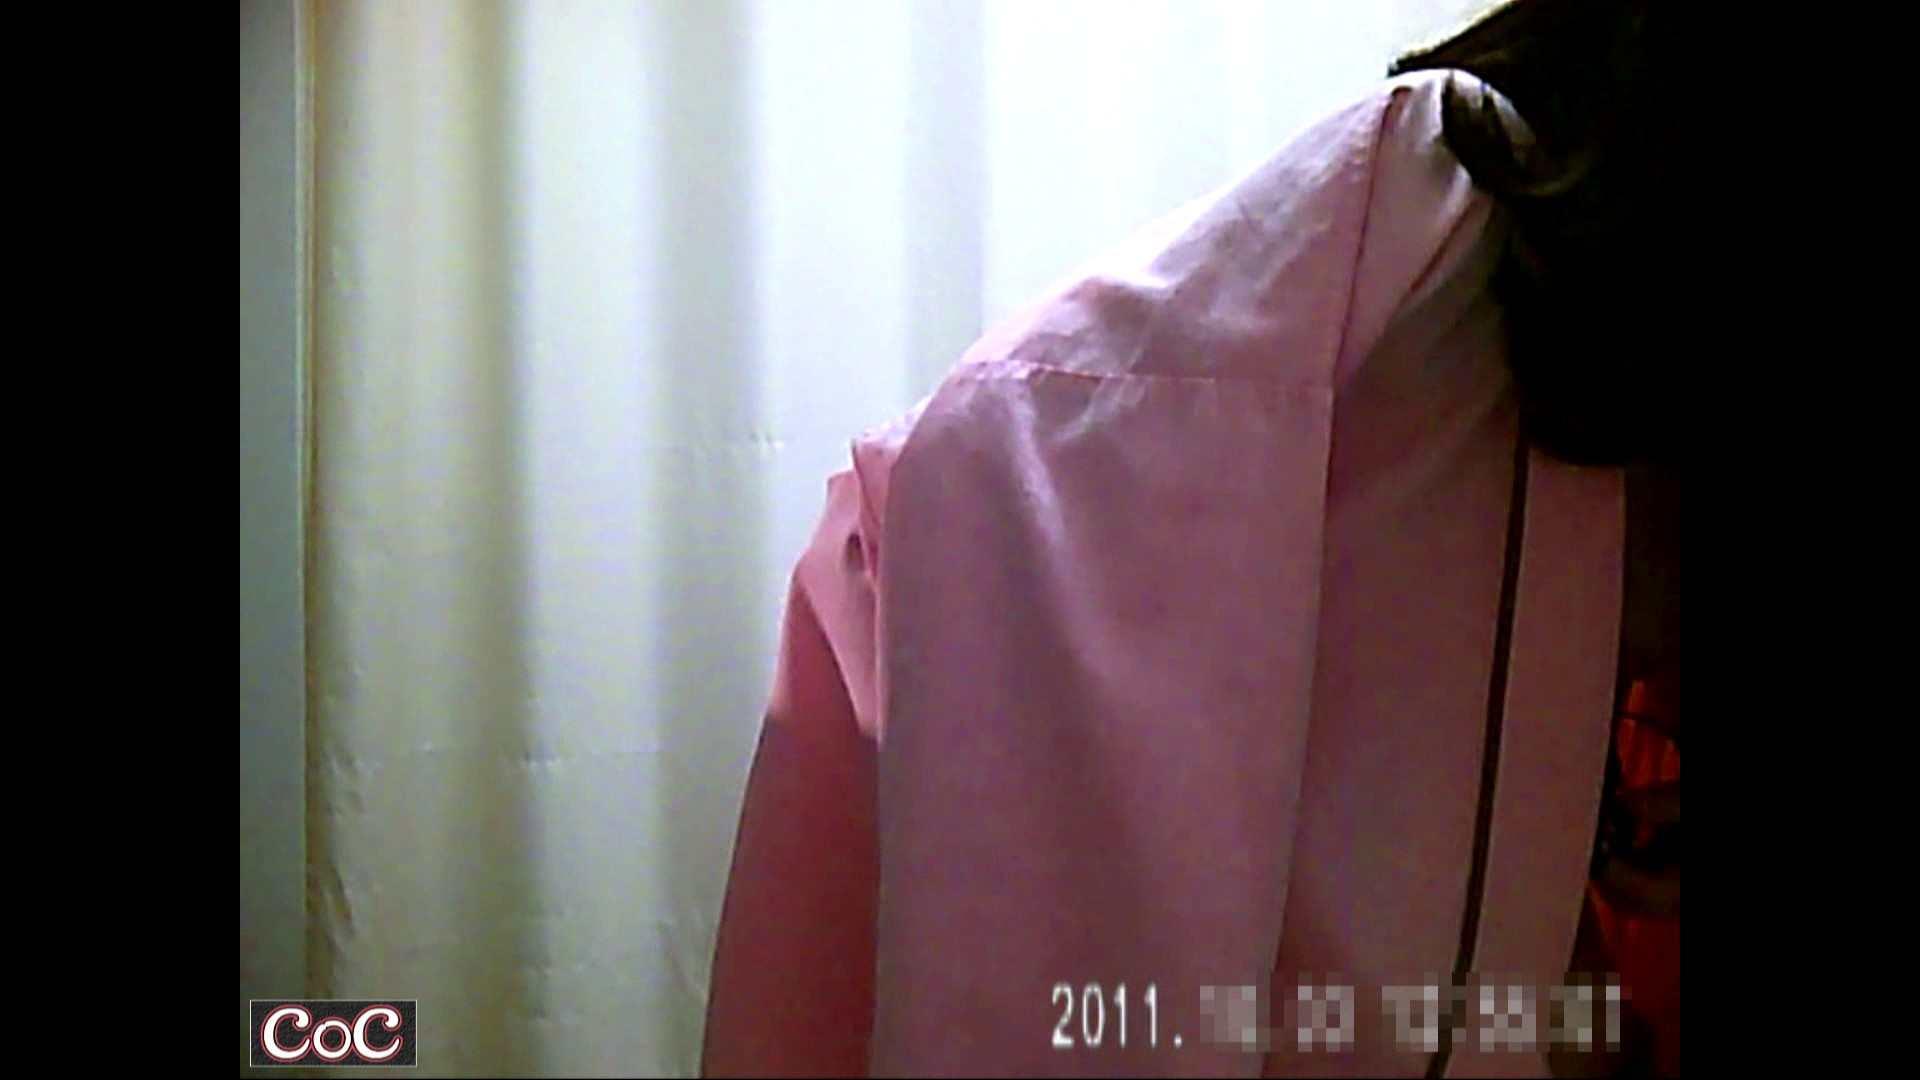 元医者による反抗 更衣室地獄絵巻 vol.248 OL  69pic 12